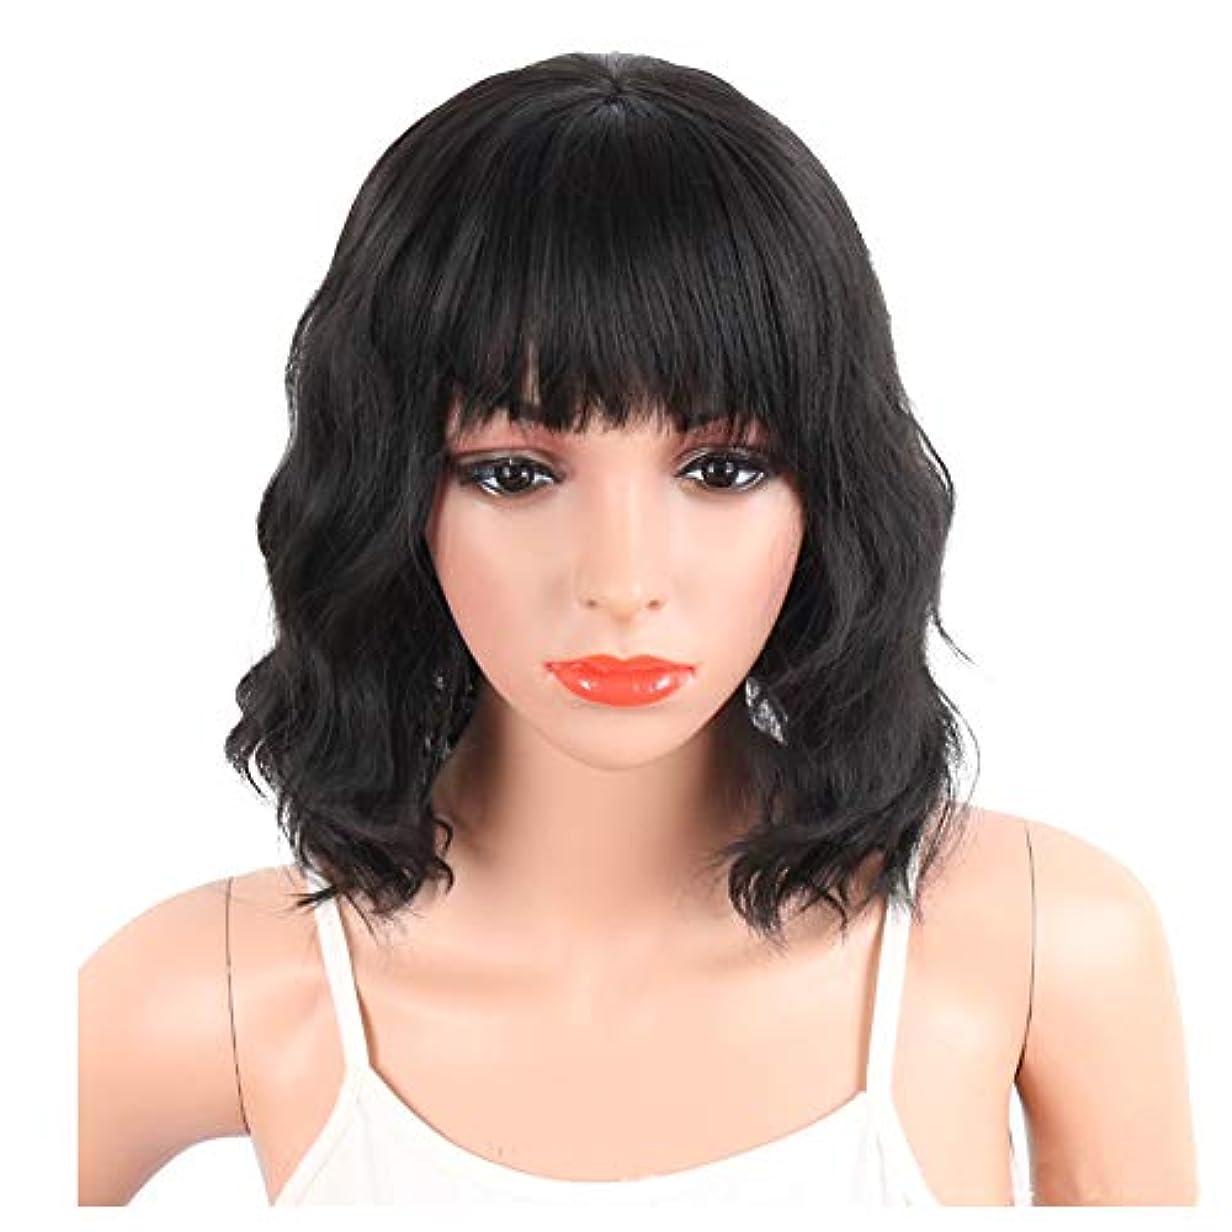 パース因子ハイブリッドYOUQIU 10インチの女性のかつら用エア前髪コスプレ衣装デイリーパーティーウィッグの女性女の子ショートカーリーの合成ブラックウィッグ (色 : 黒, サイズ : 10